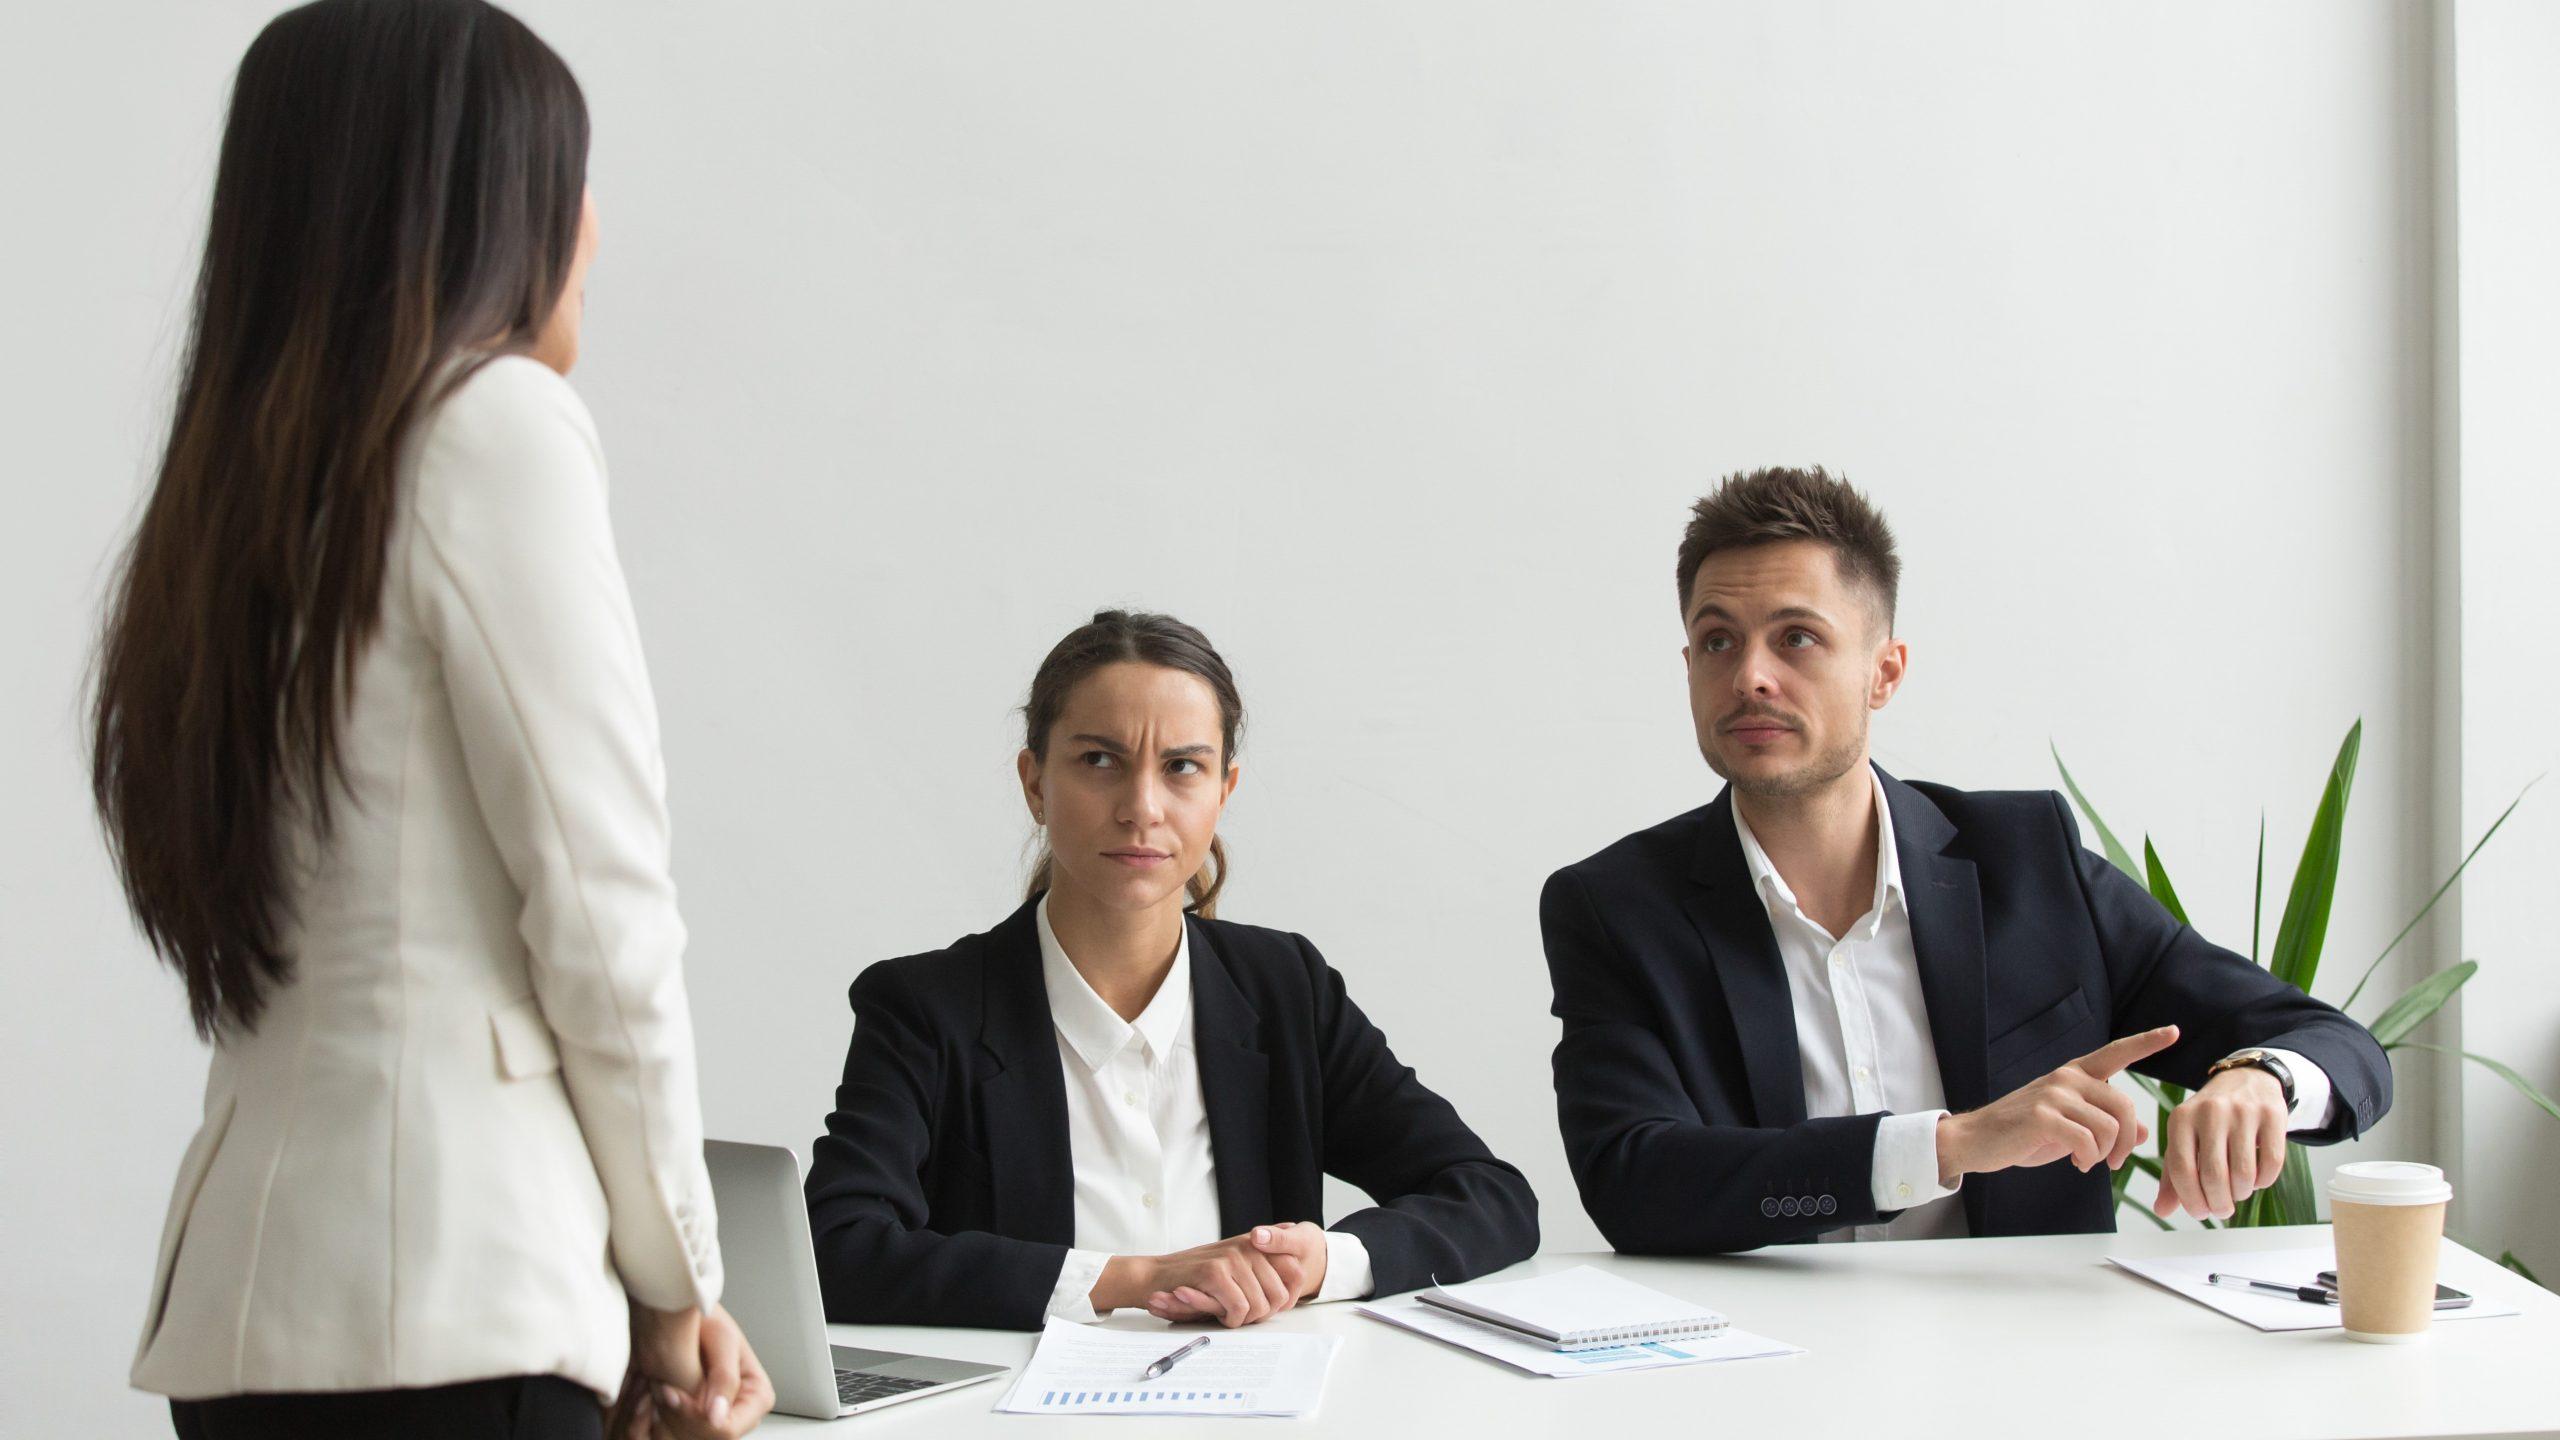 Đi làm muộn sẽ giảm năng suất lao động so với người đi làm đúng giờ